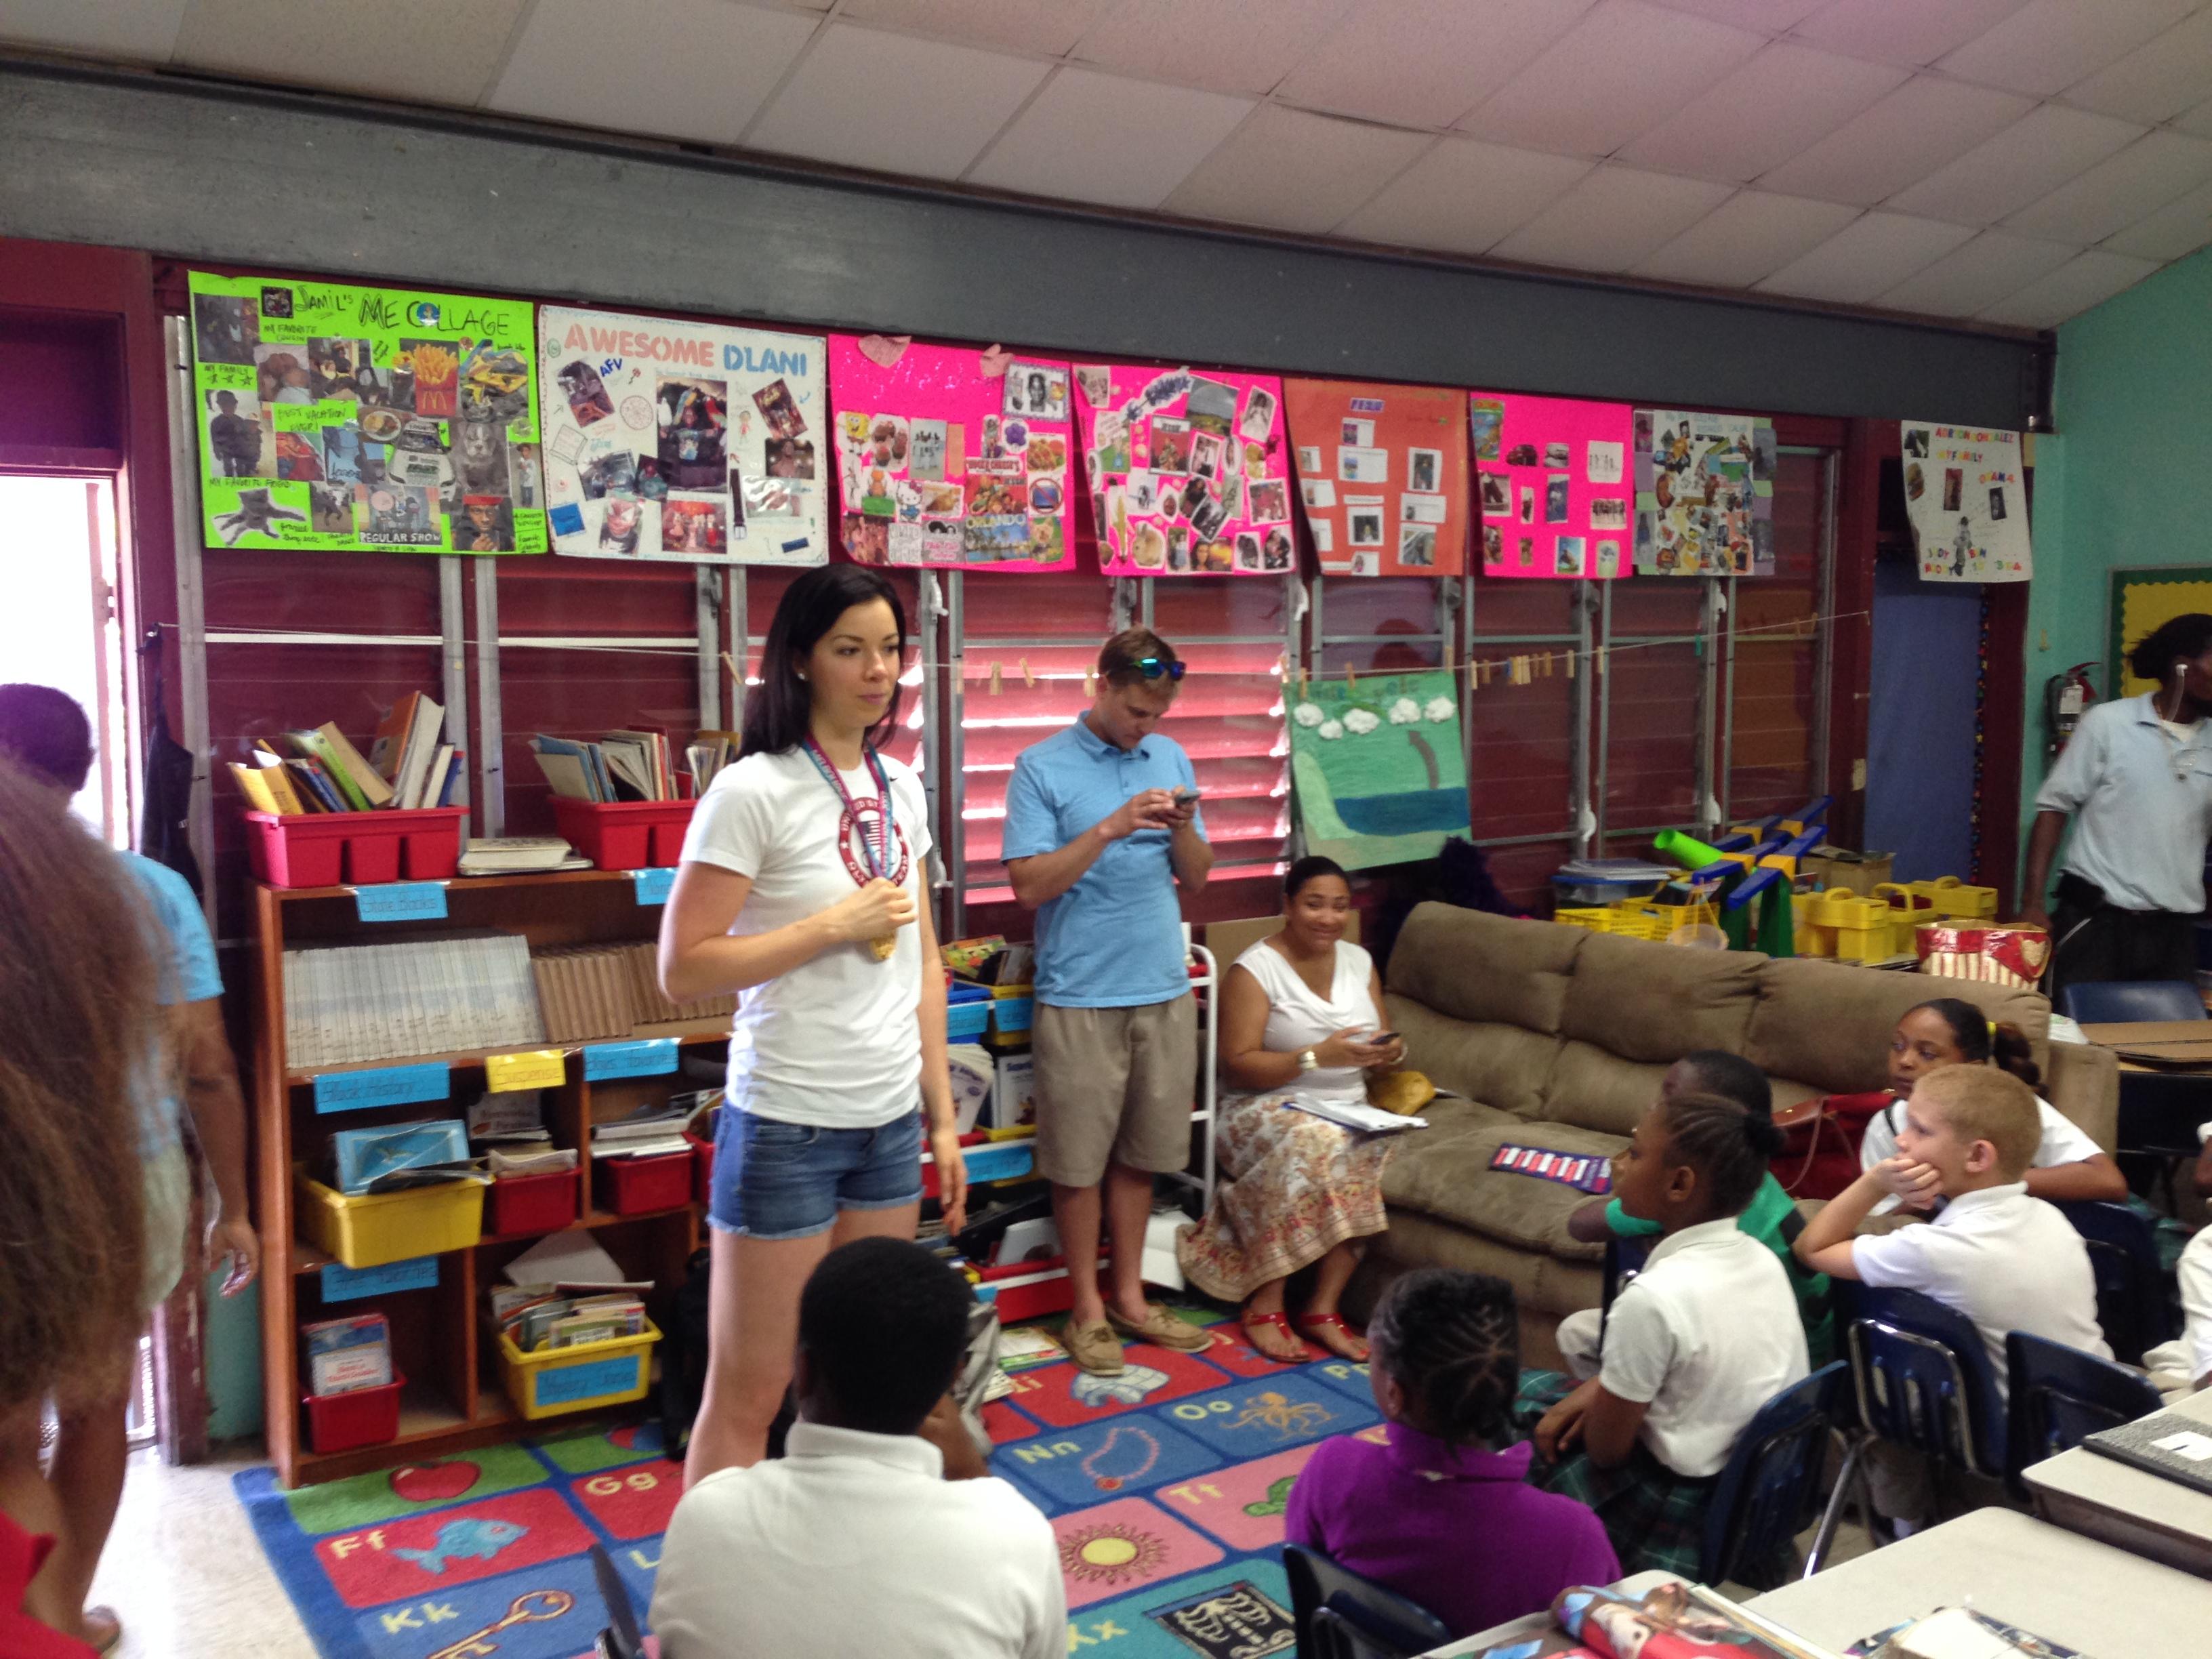 U.S. Olympian Kate Zeigler addresses school children